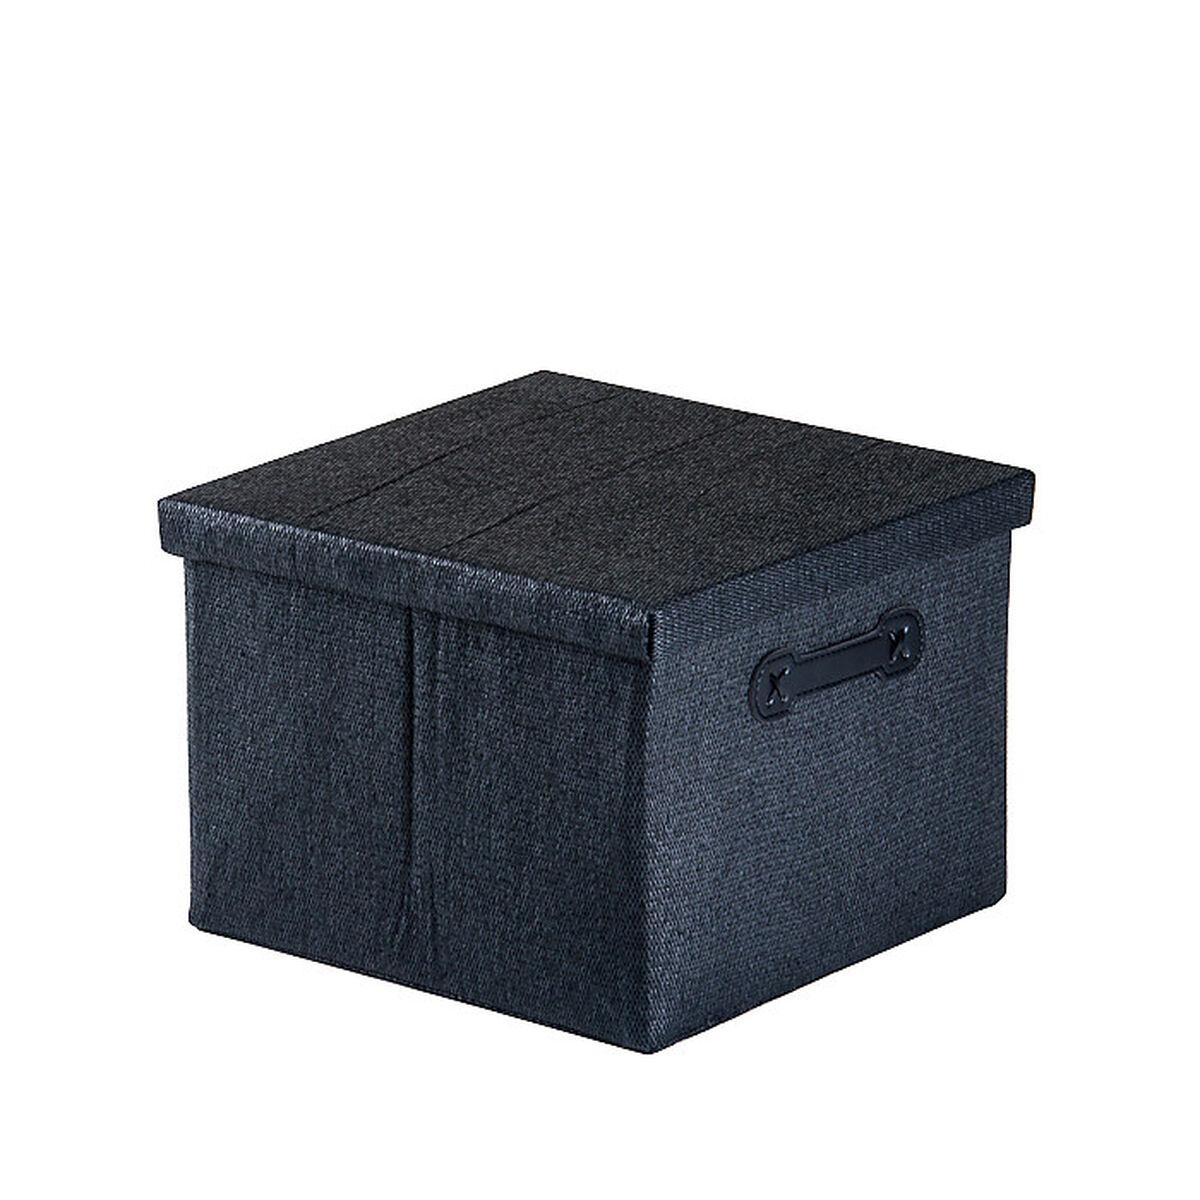 aufbewahrungsbox mit deckel und griffen ca l 32 x b 32 x h 23cm schwarz depot de. Black Bedroom Furniture Sets. Home Design Ideas